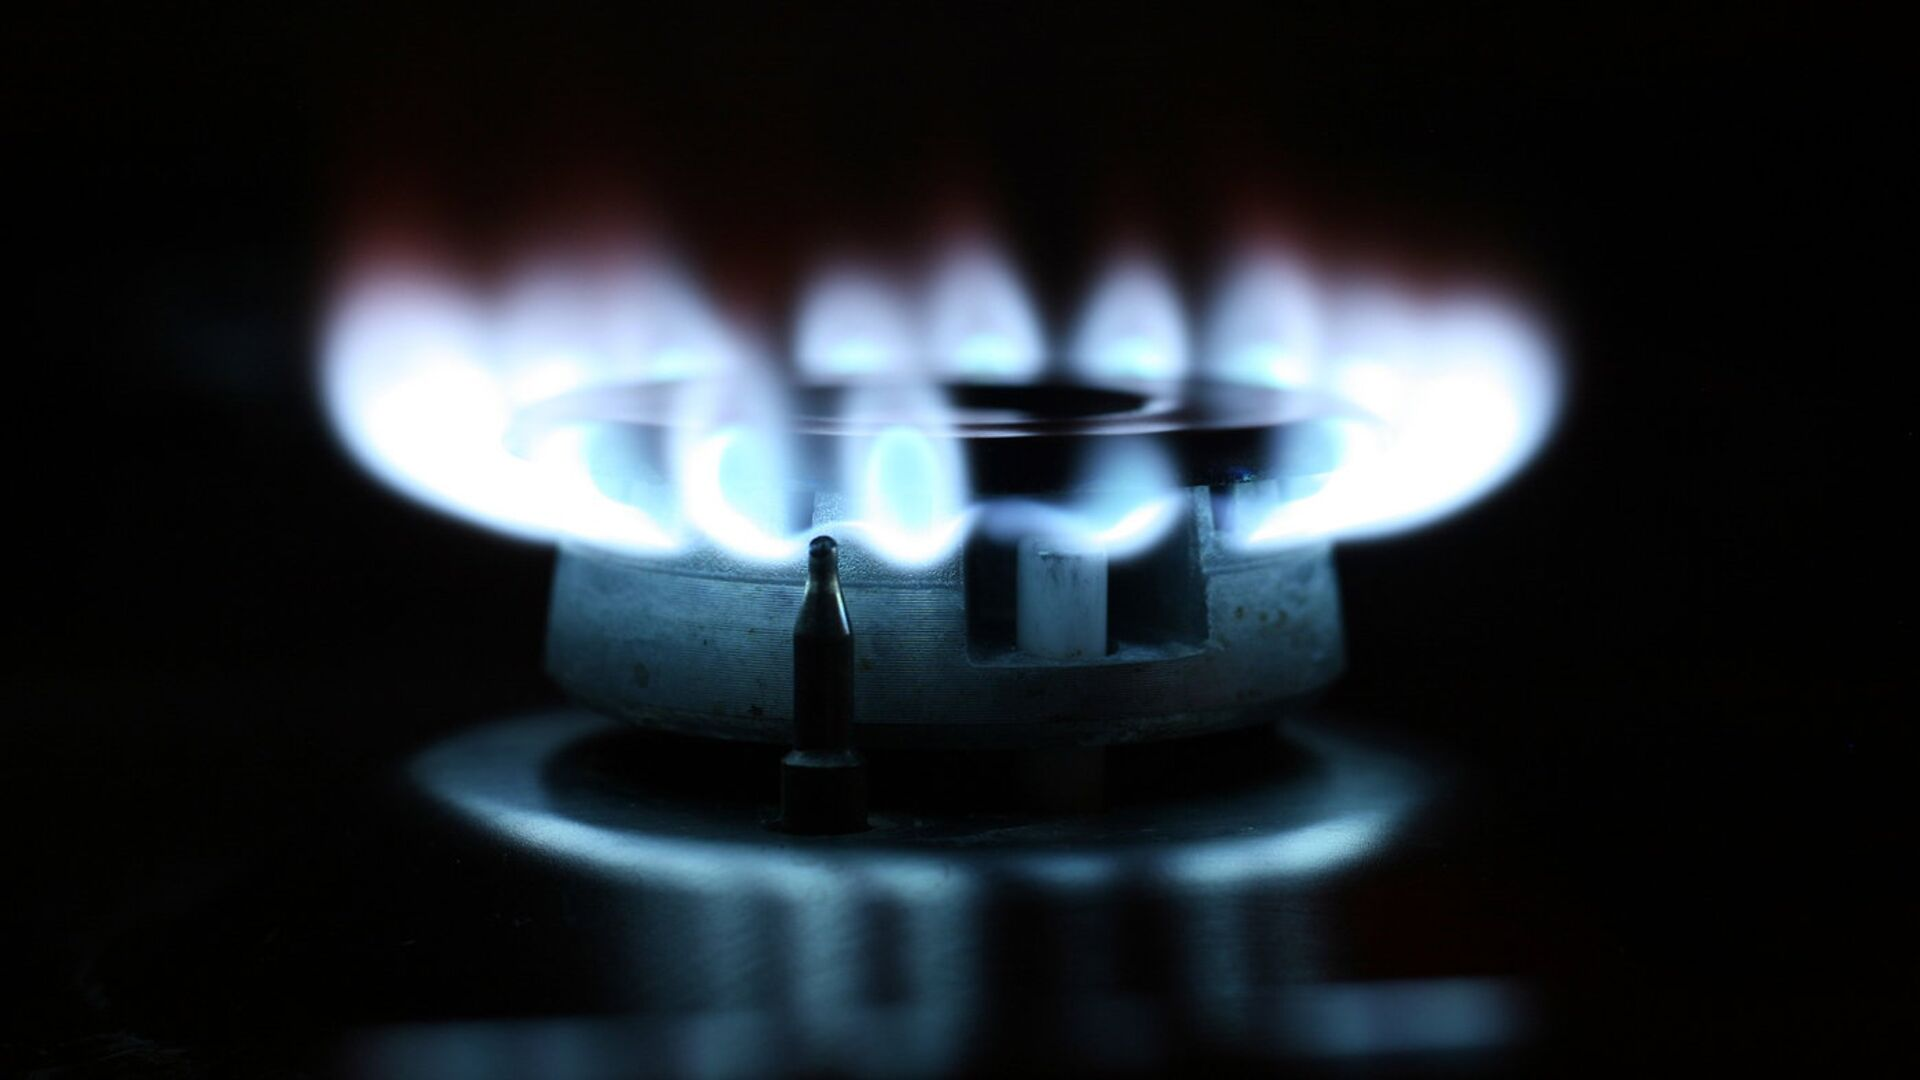 Газовая плита - Sputnik Латвия, 1920, 10.06.2021